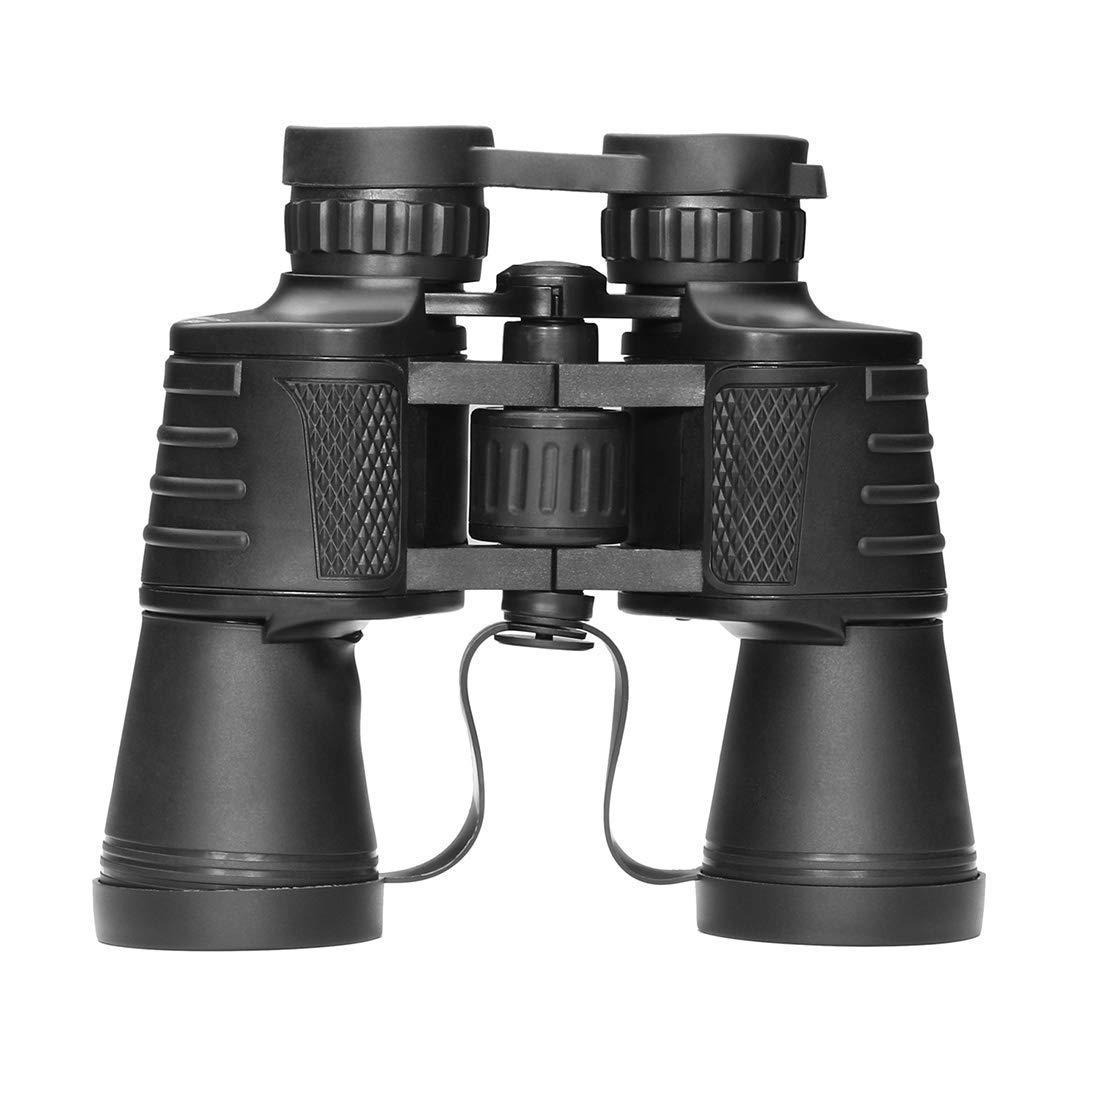 BMY Telescopio al Aire Libre, binoculares, Alto Campo de visión y visión Nocturna, utilizando The Outdoor Adventure 10X